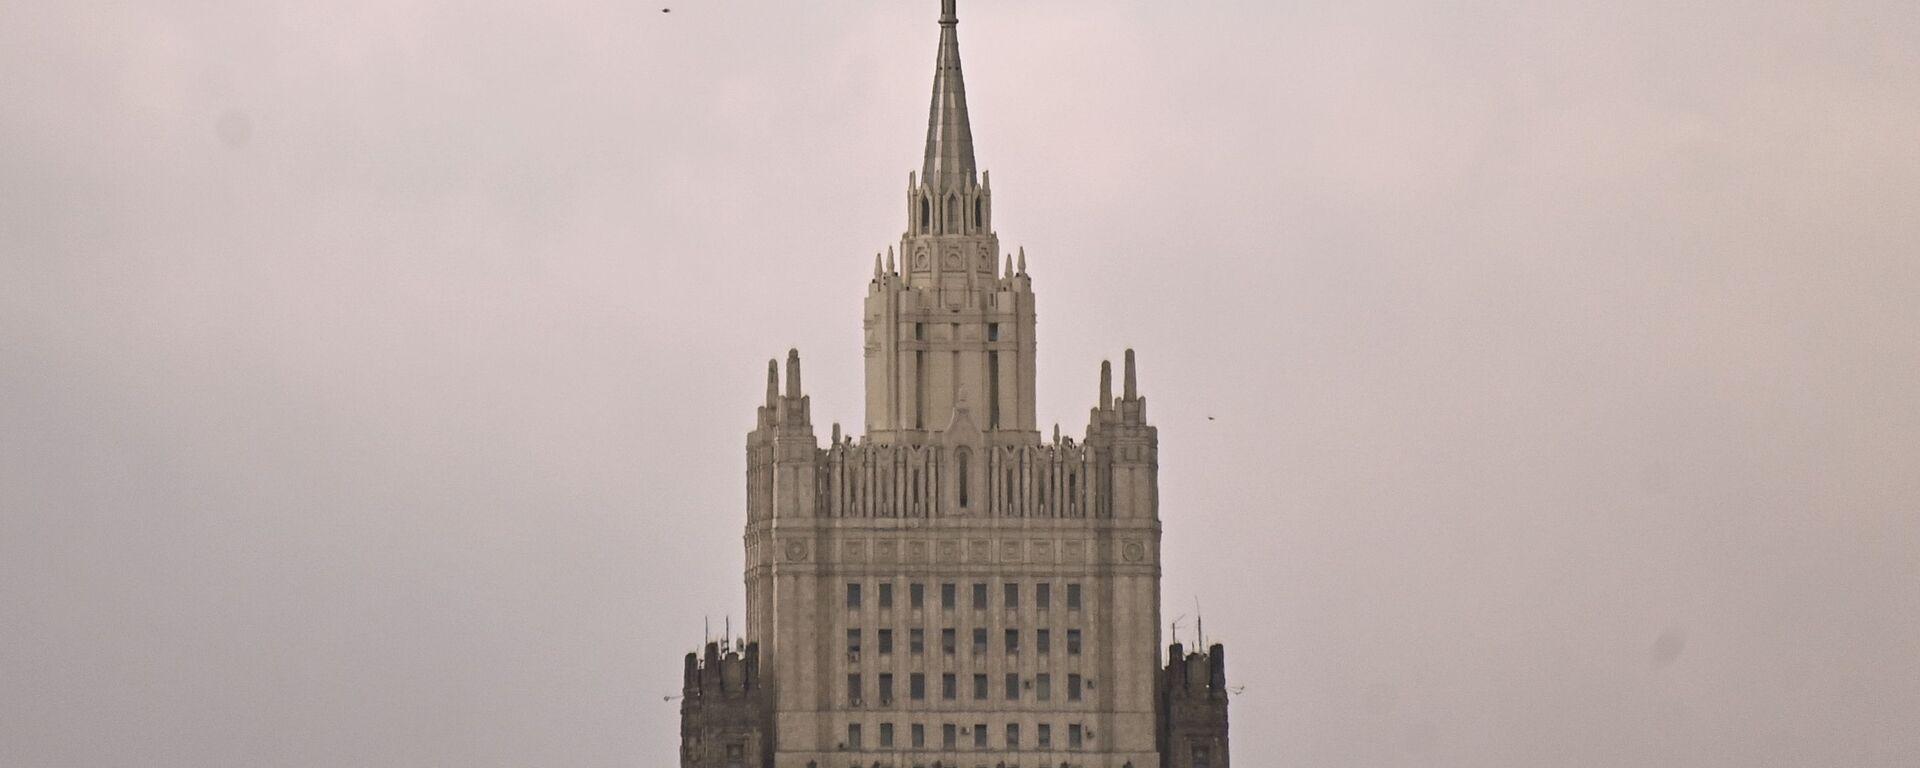 Zgrada Ministarstva spoljnih poslova Rusije - Sputnik Srbija, 1920, 29.09.2021